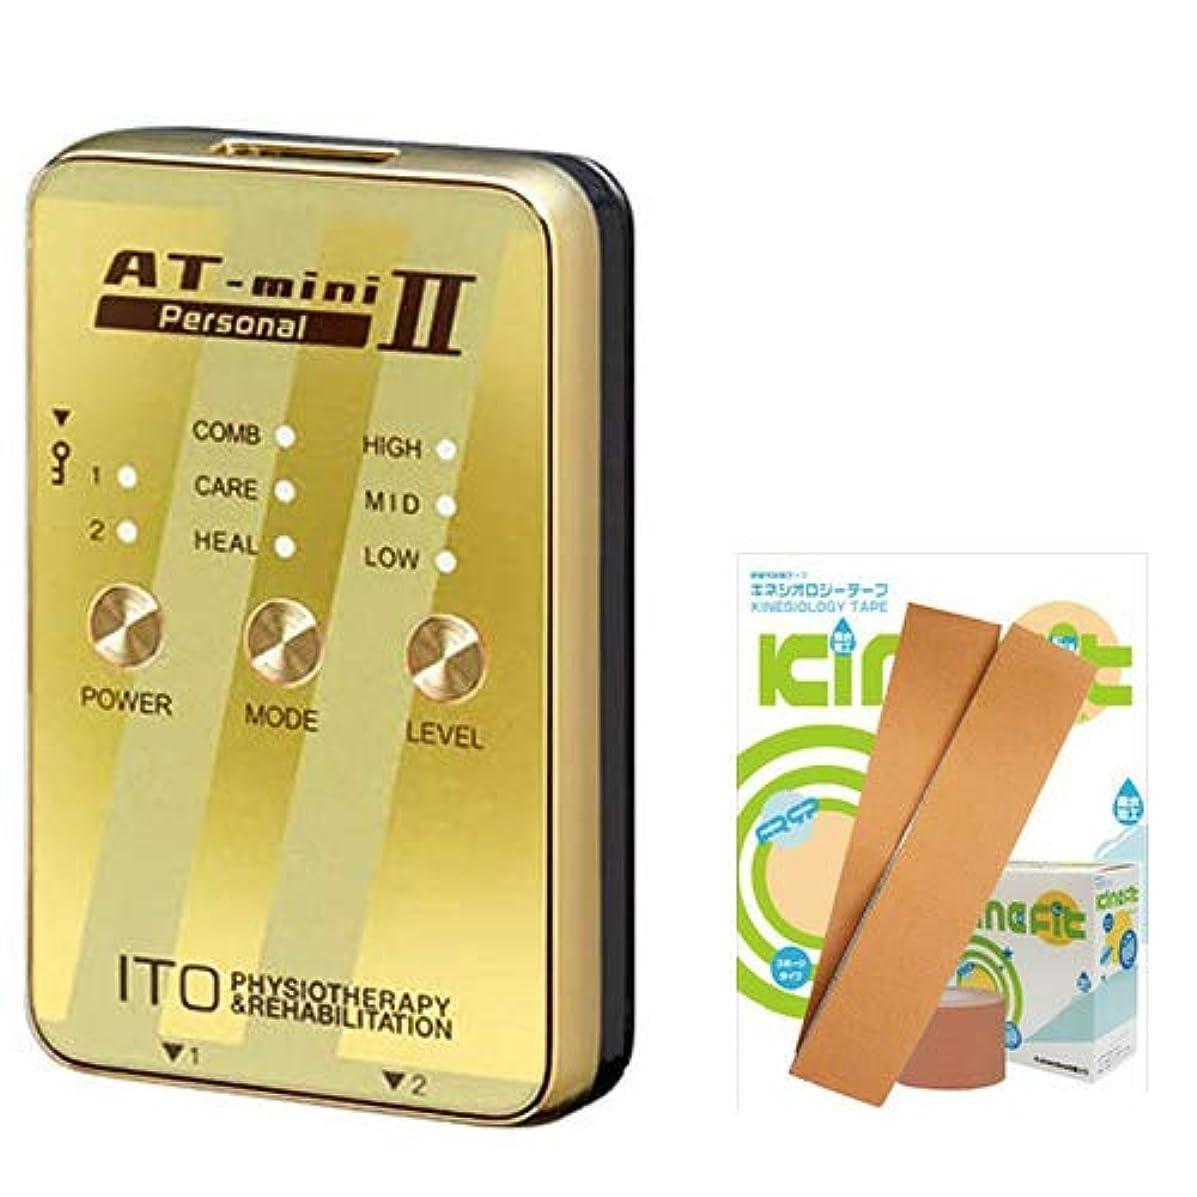 悔い改め議論する永遠の低周波治療器 AT-mini personal II ゴールド (ATミニパーソナル2) +キネフィットテープ50cmセット